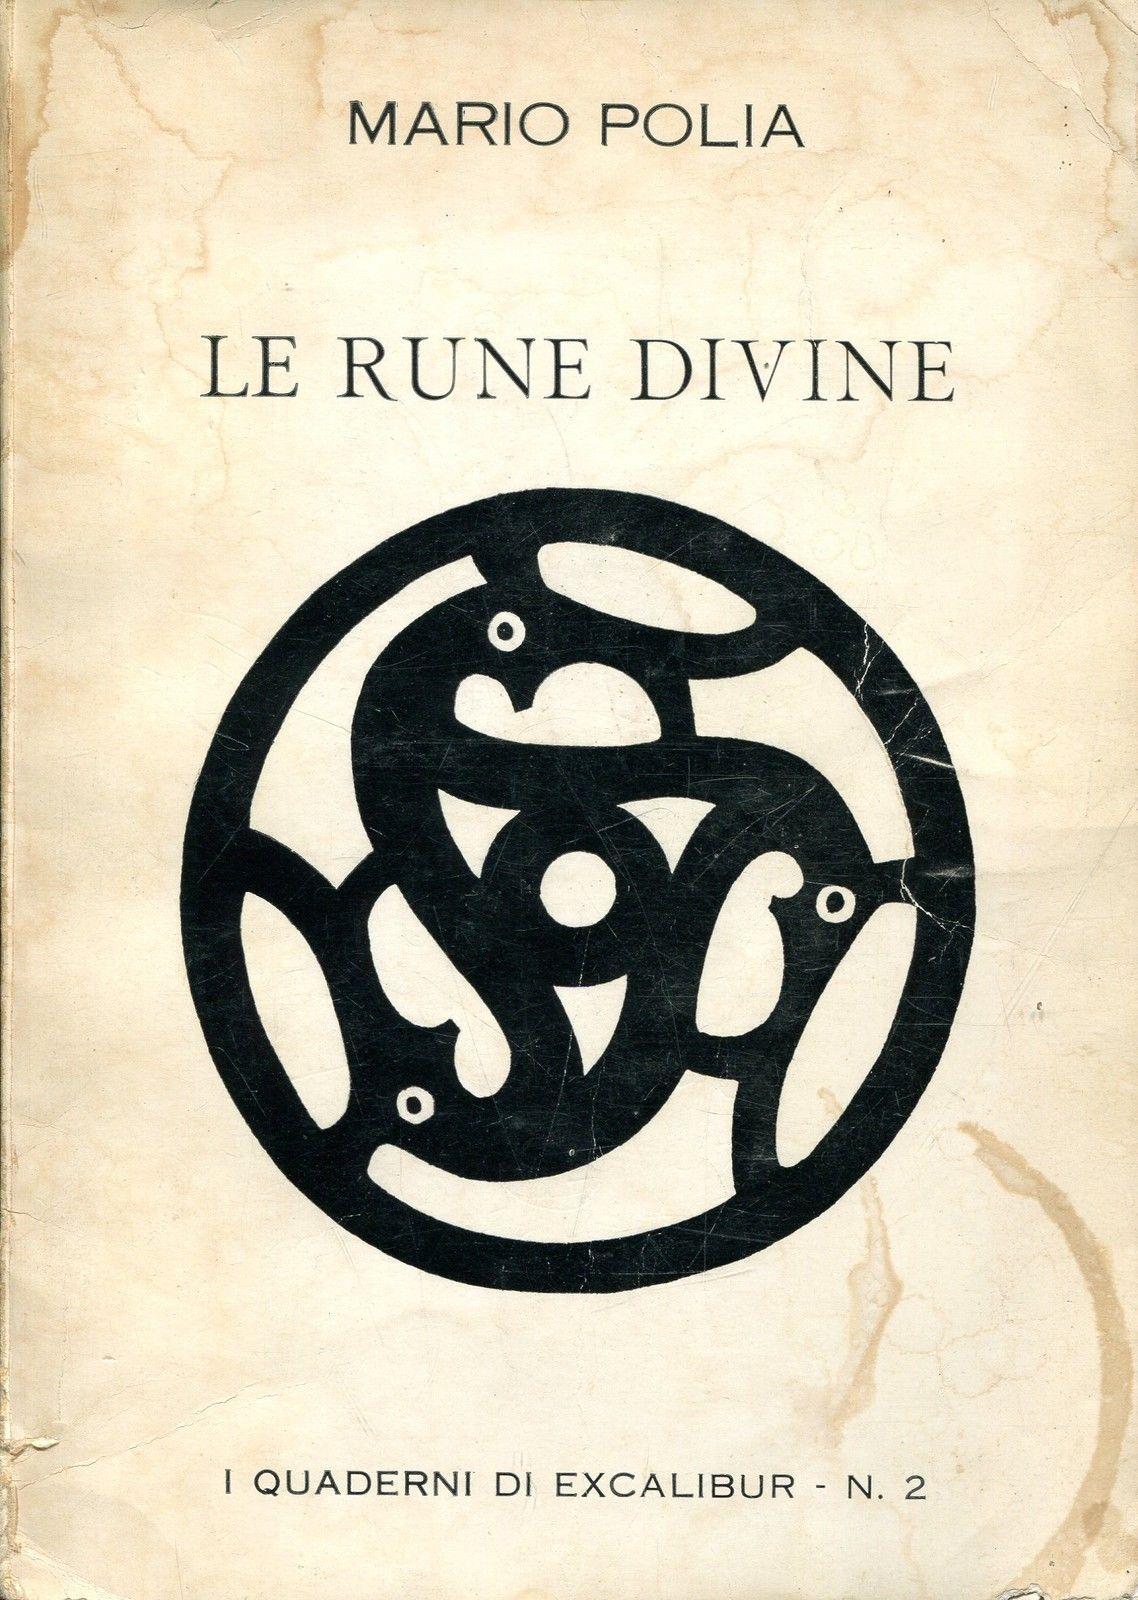 Le rune divine